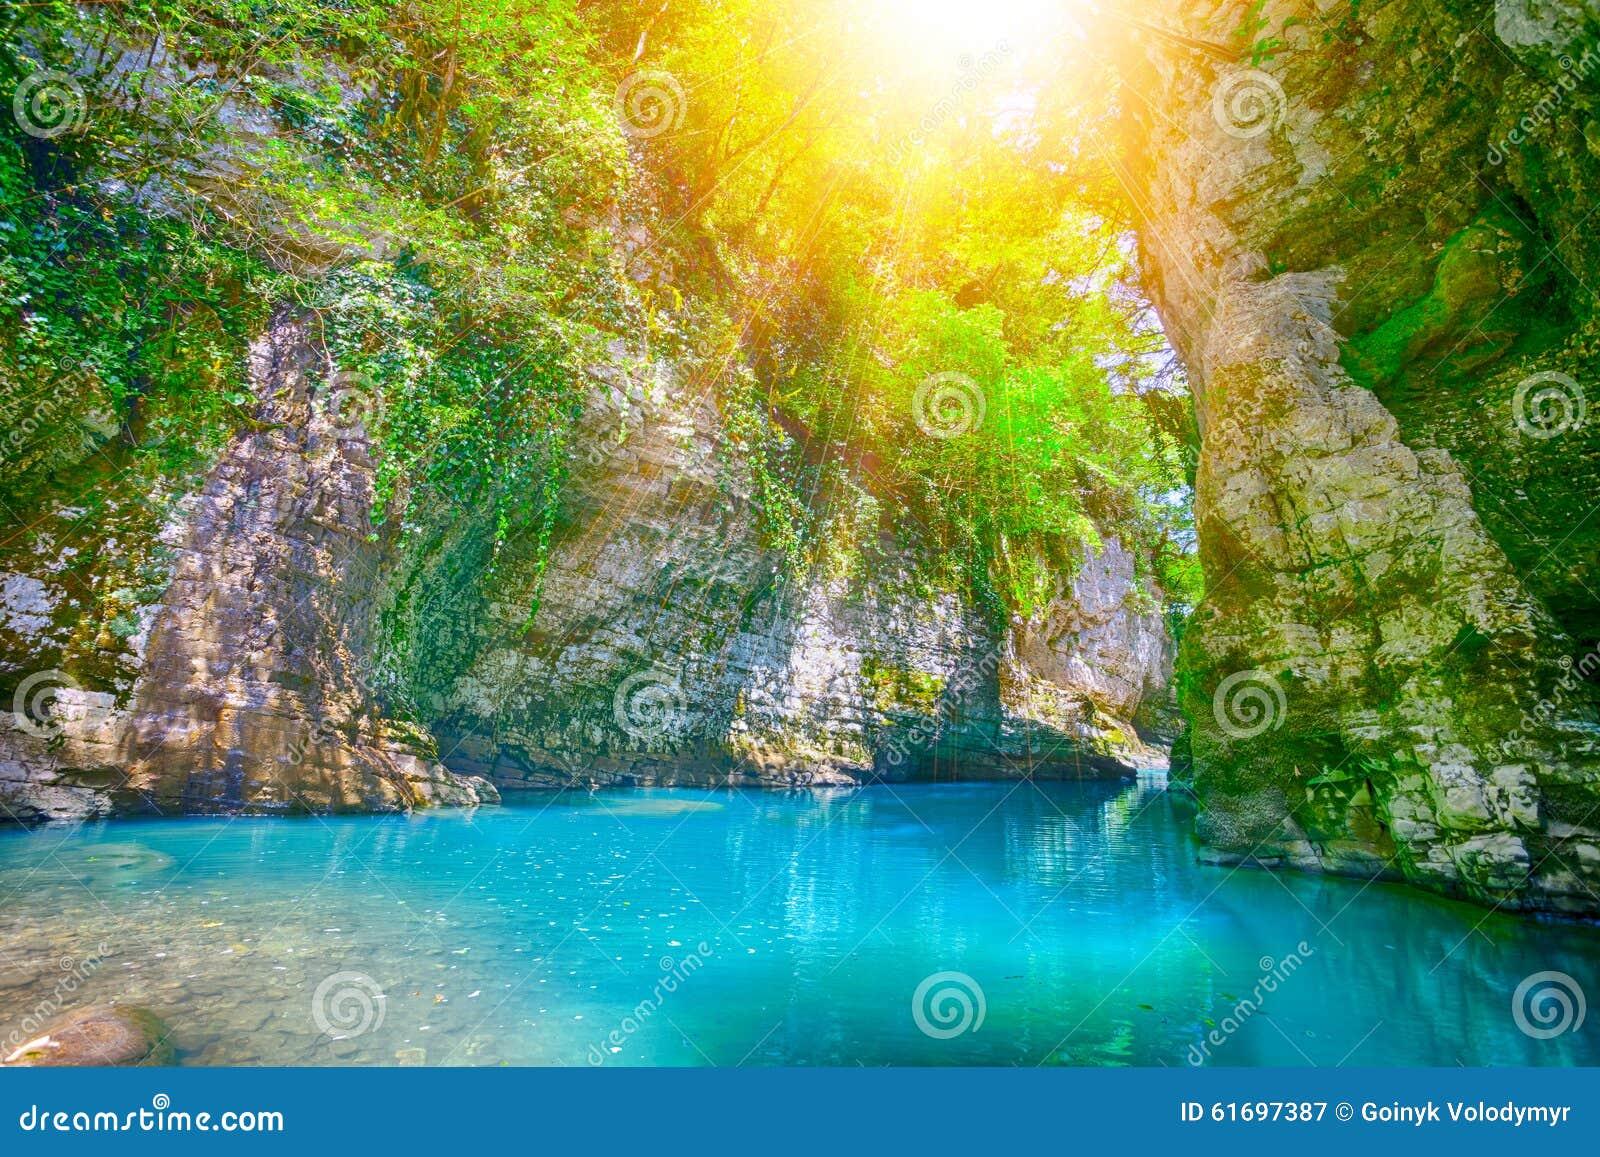 description mountain river natural - photo #33